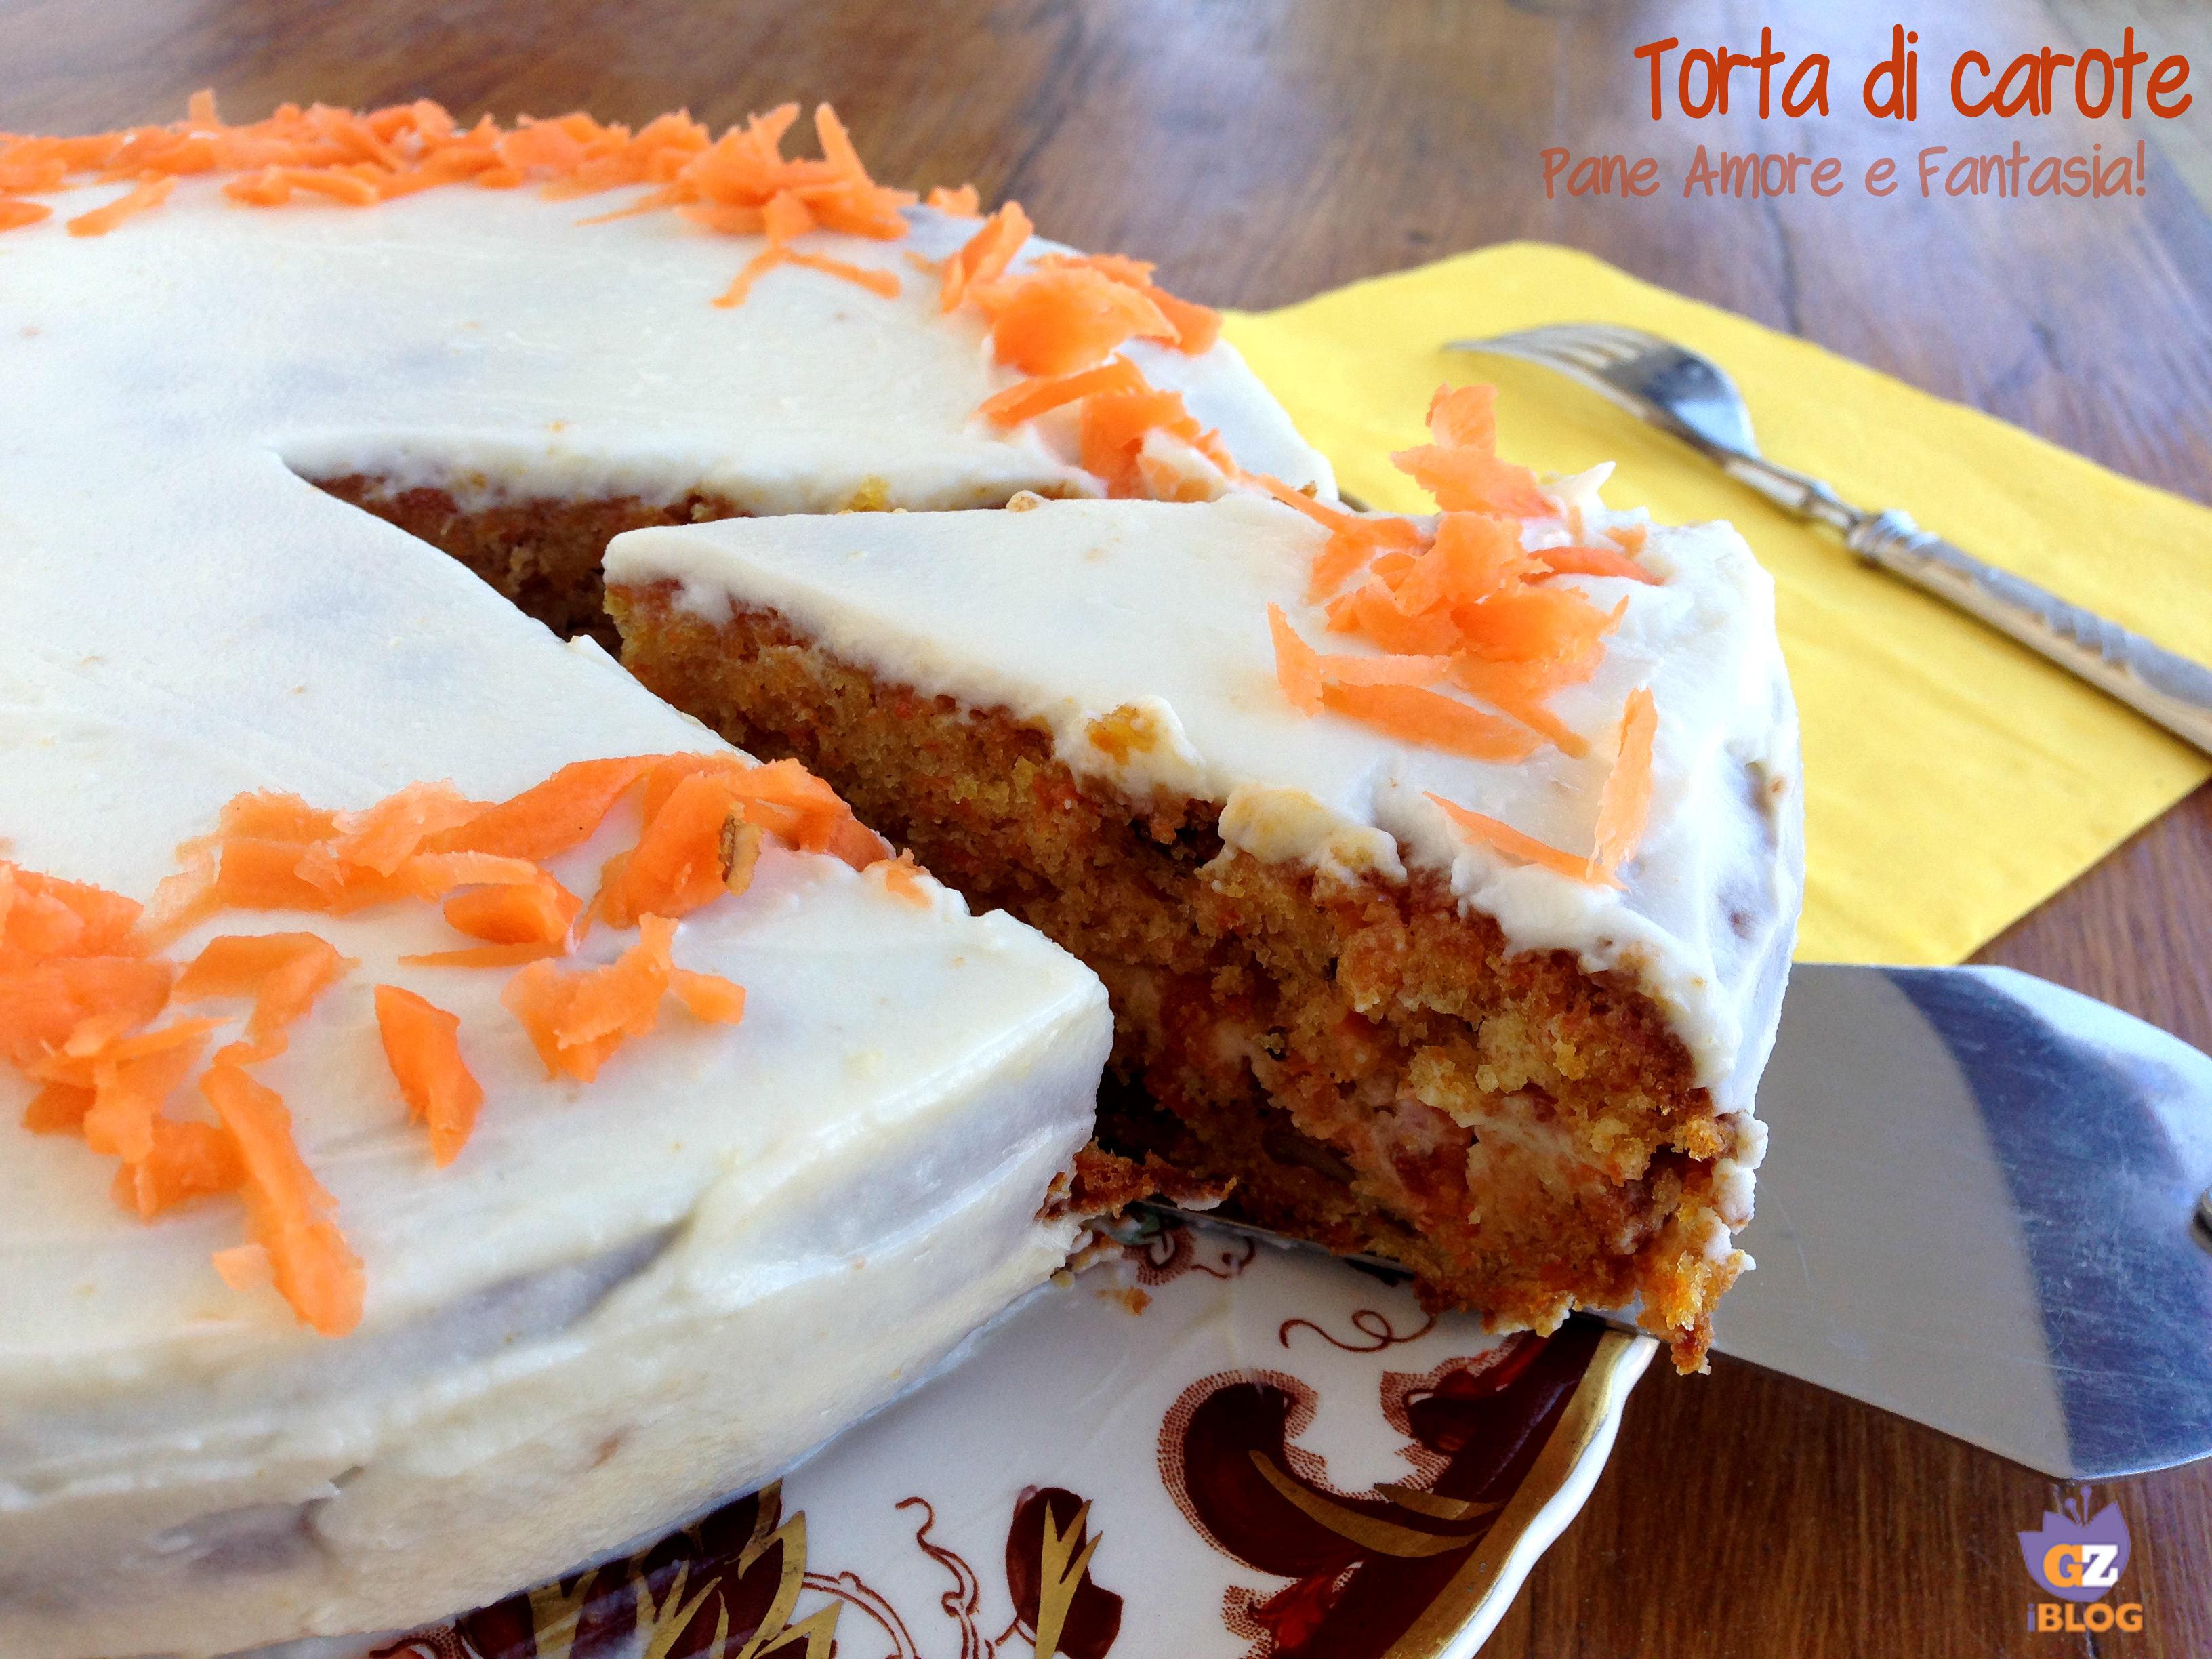 Ricerca Ricette Con Carrot Cake Americana Giallozafferano It